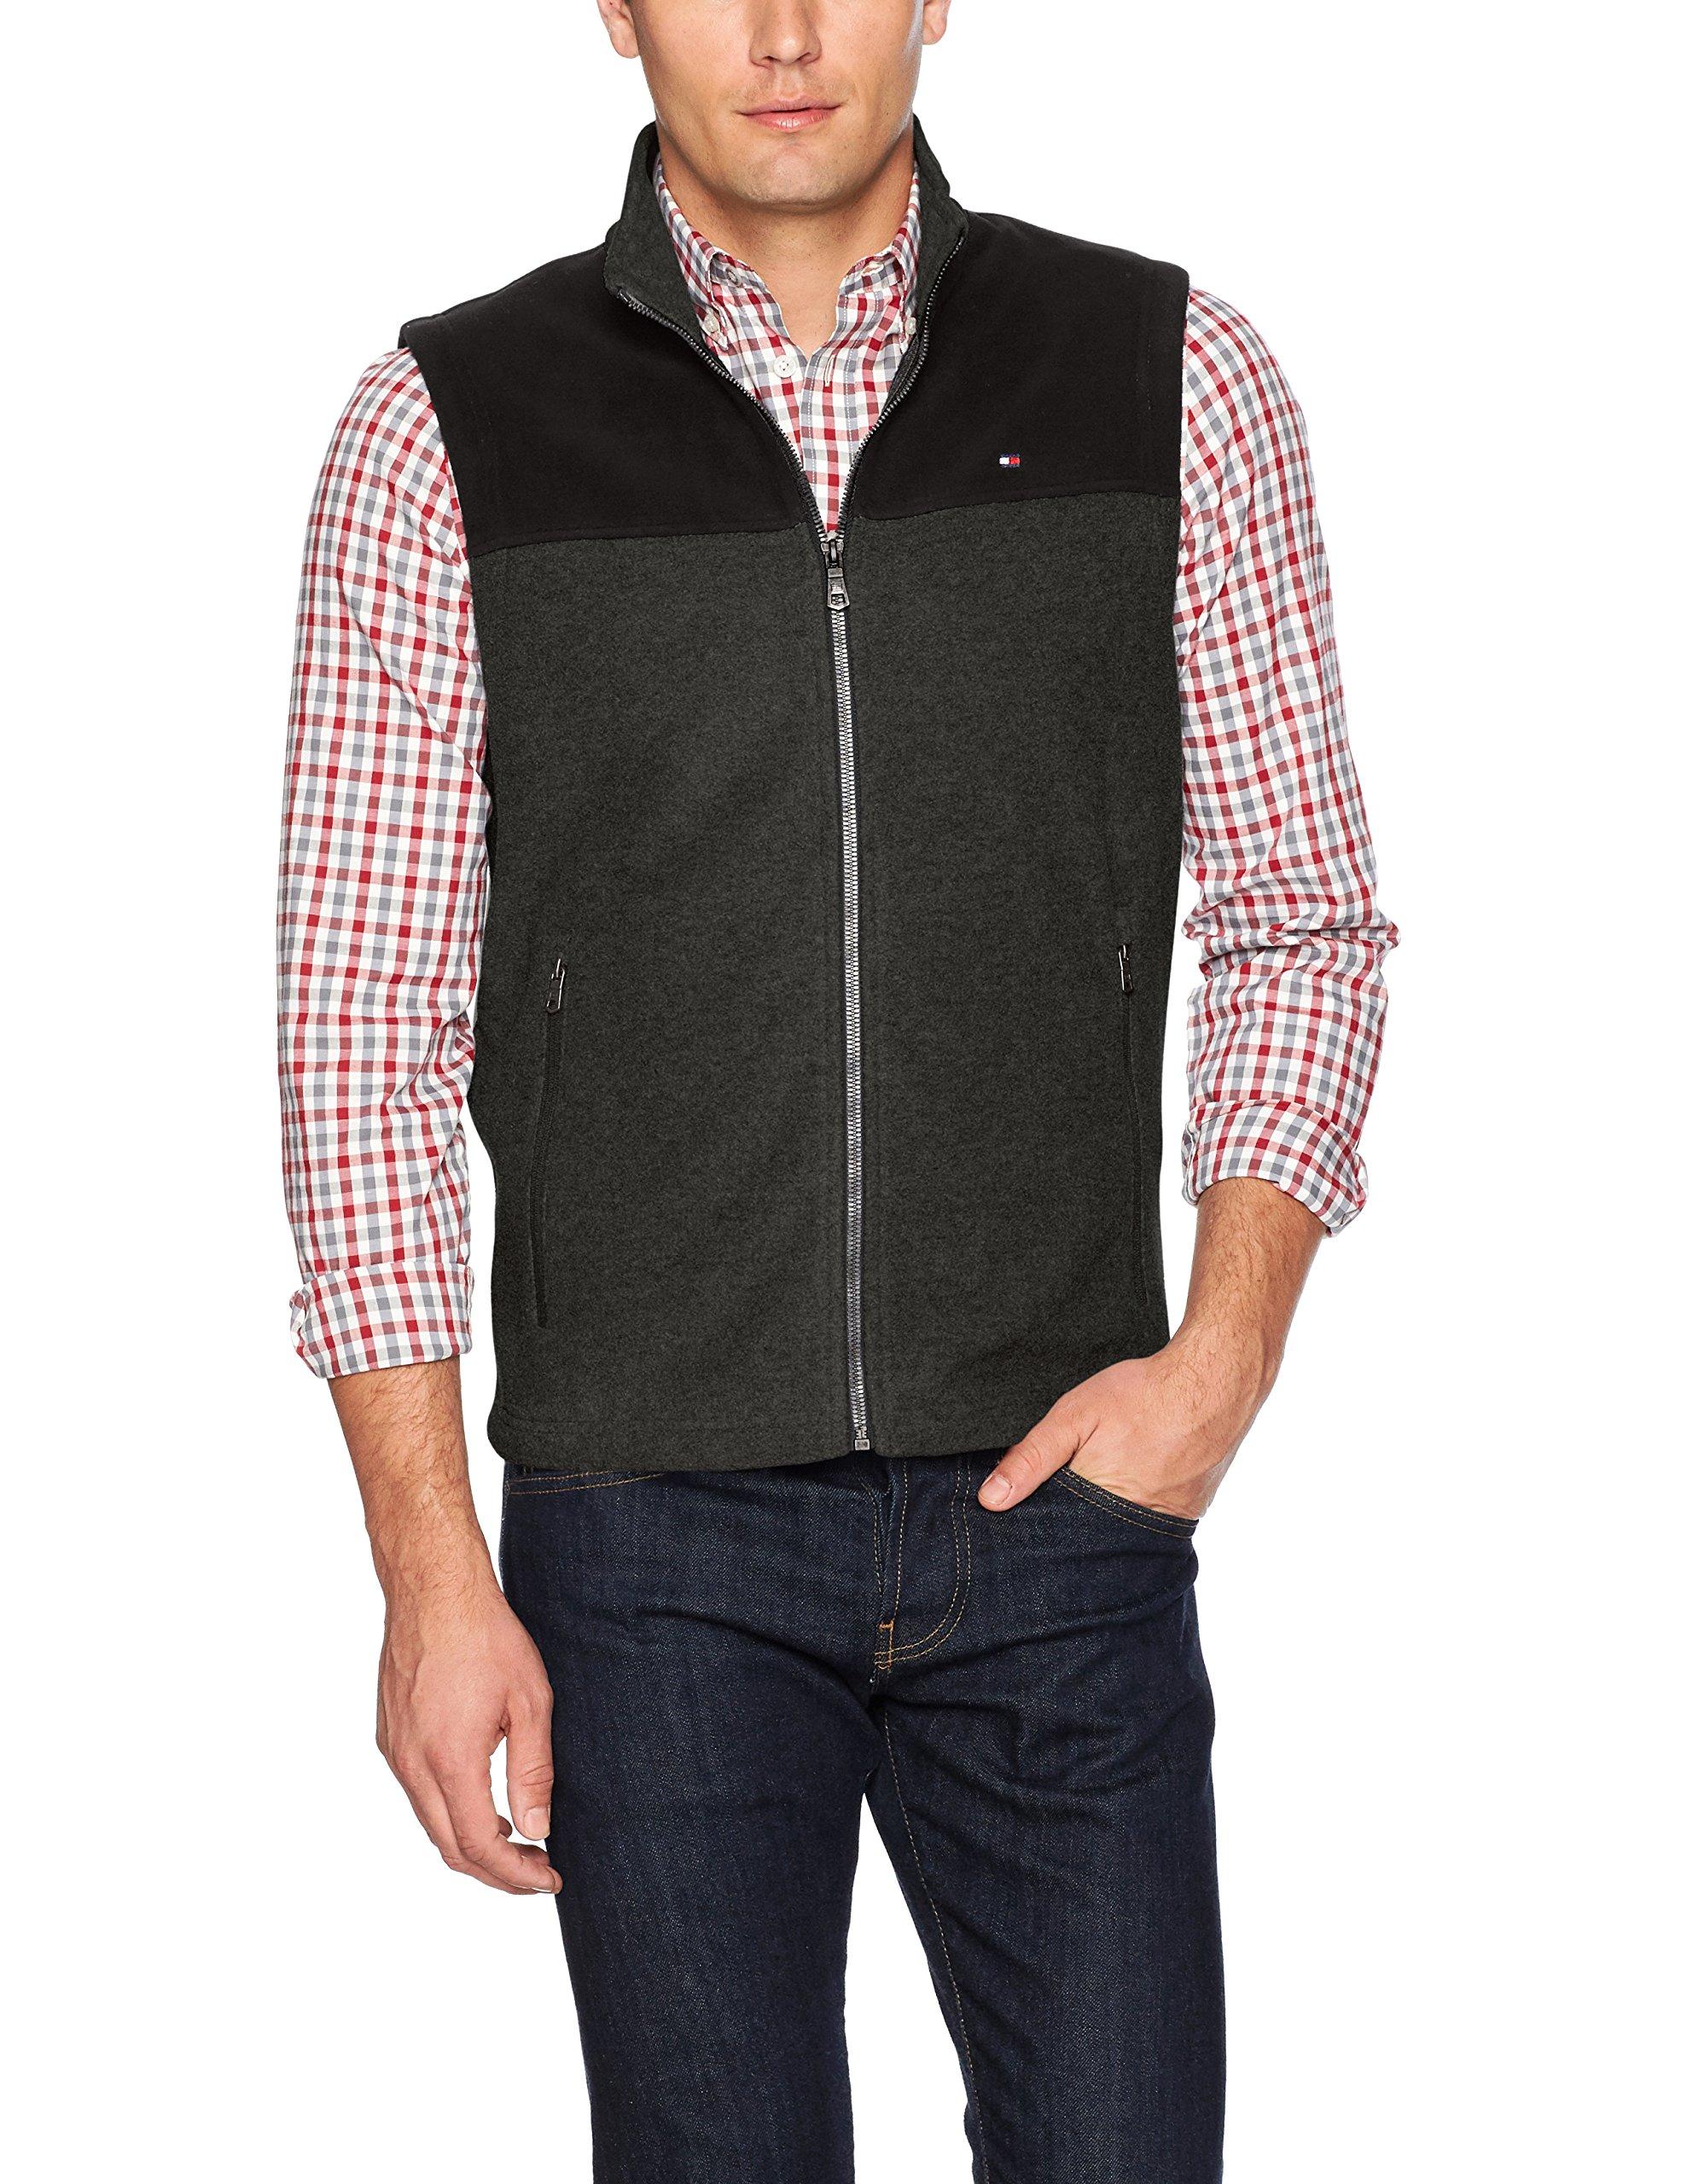 Tommy Hilfiger Men's Polar Fleece Vest, Black/Charcoal, Large by Tommy Hilfiger